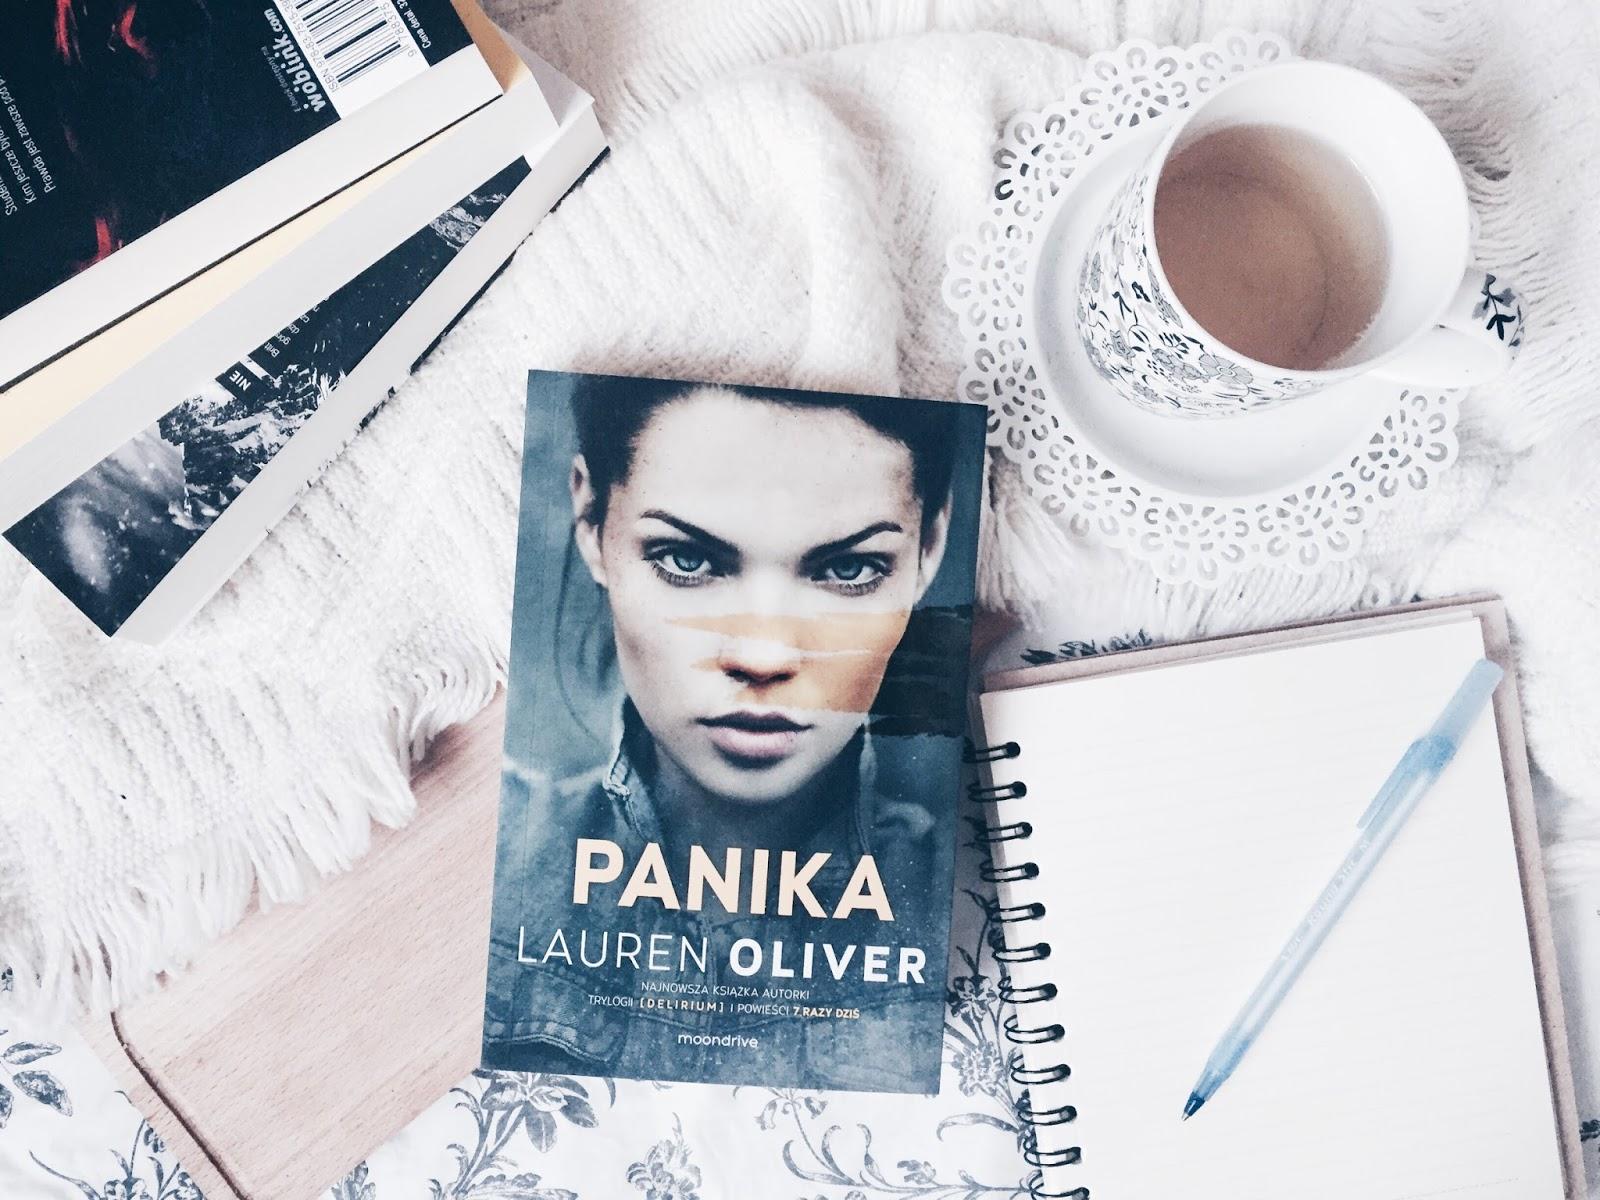 Panika, Lauren Oliver